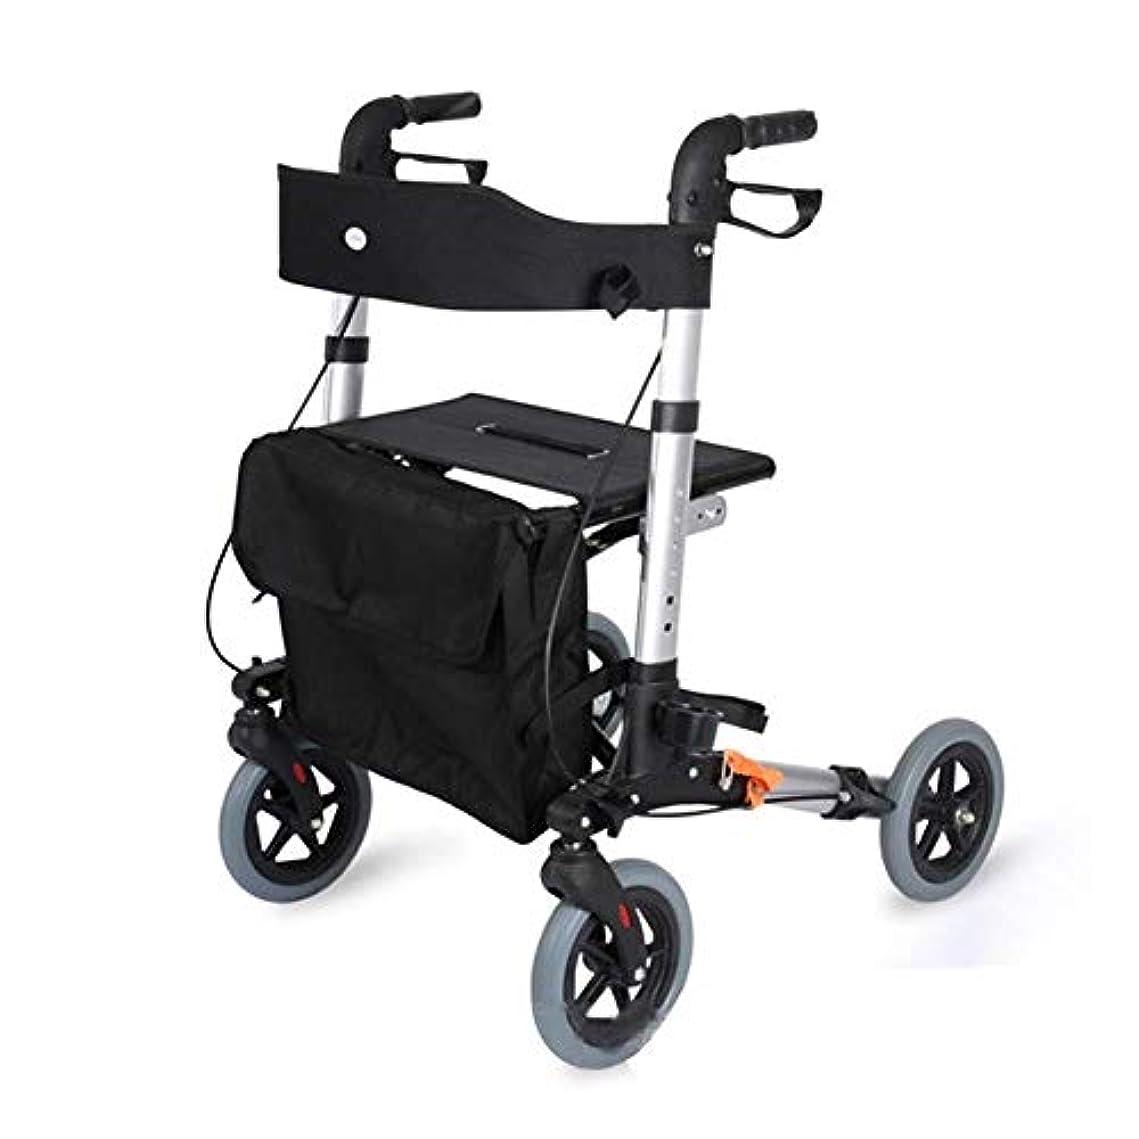 折りたたみ式歩行器、調節可能な高さ4ホイールショッピングトロリーレストシートと収納袋デュアルブレーキウォーキングフレーム